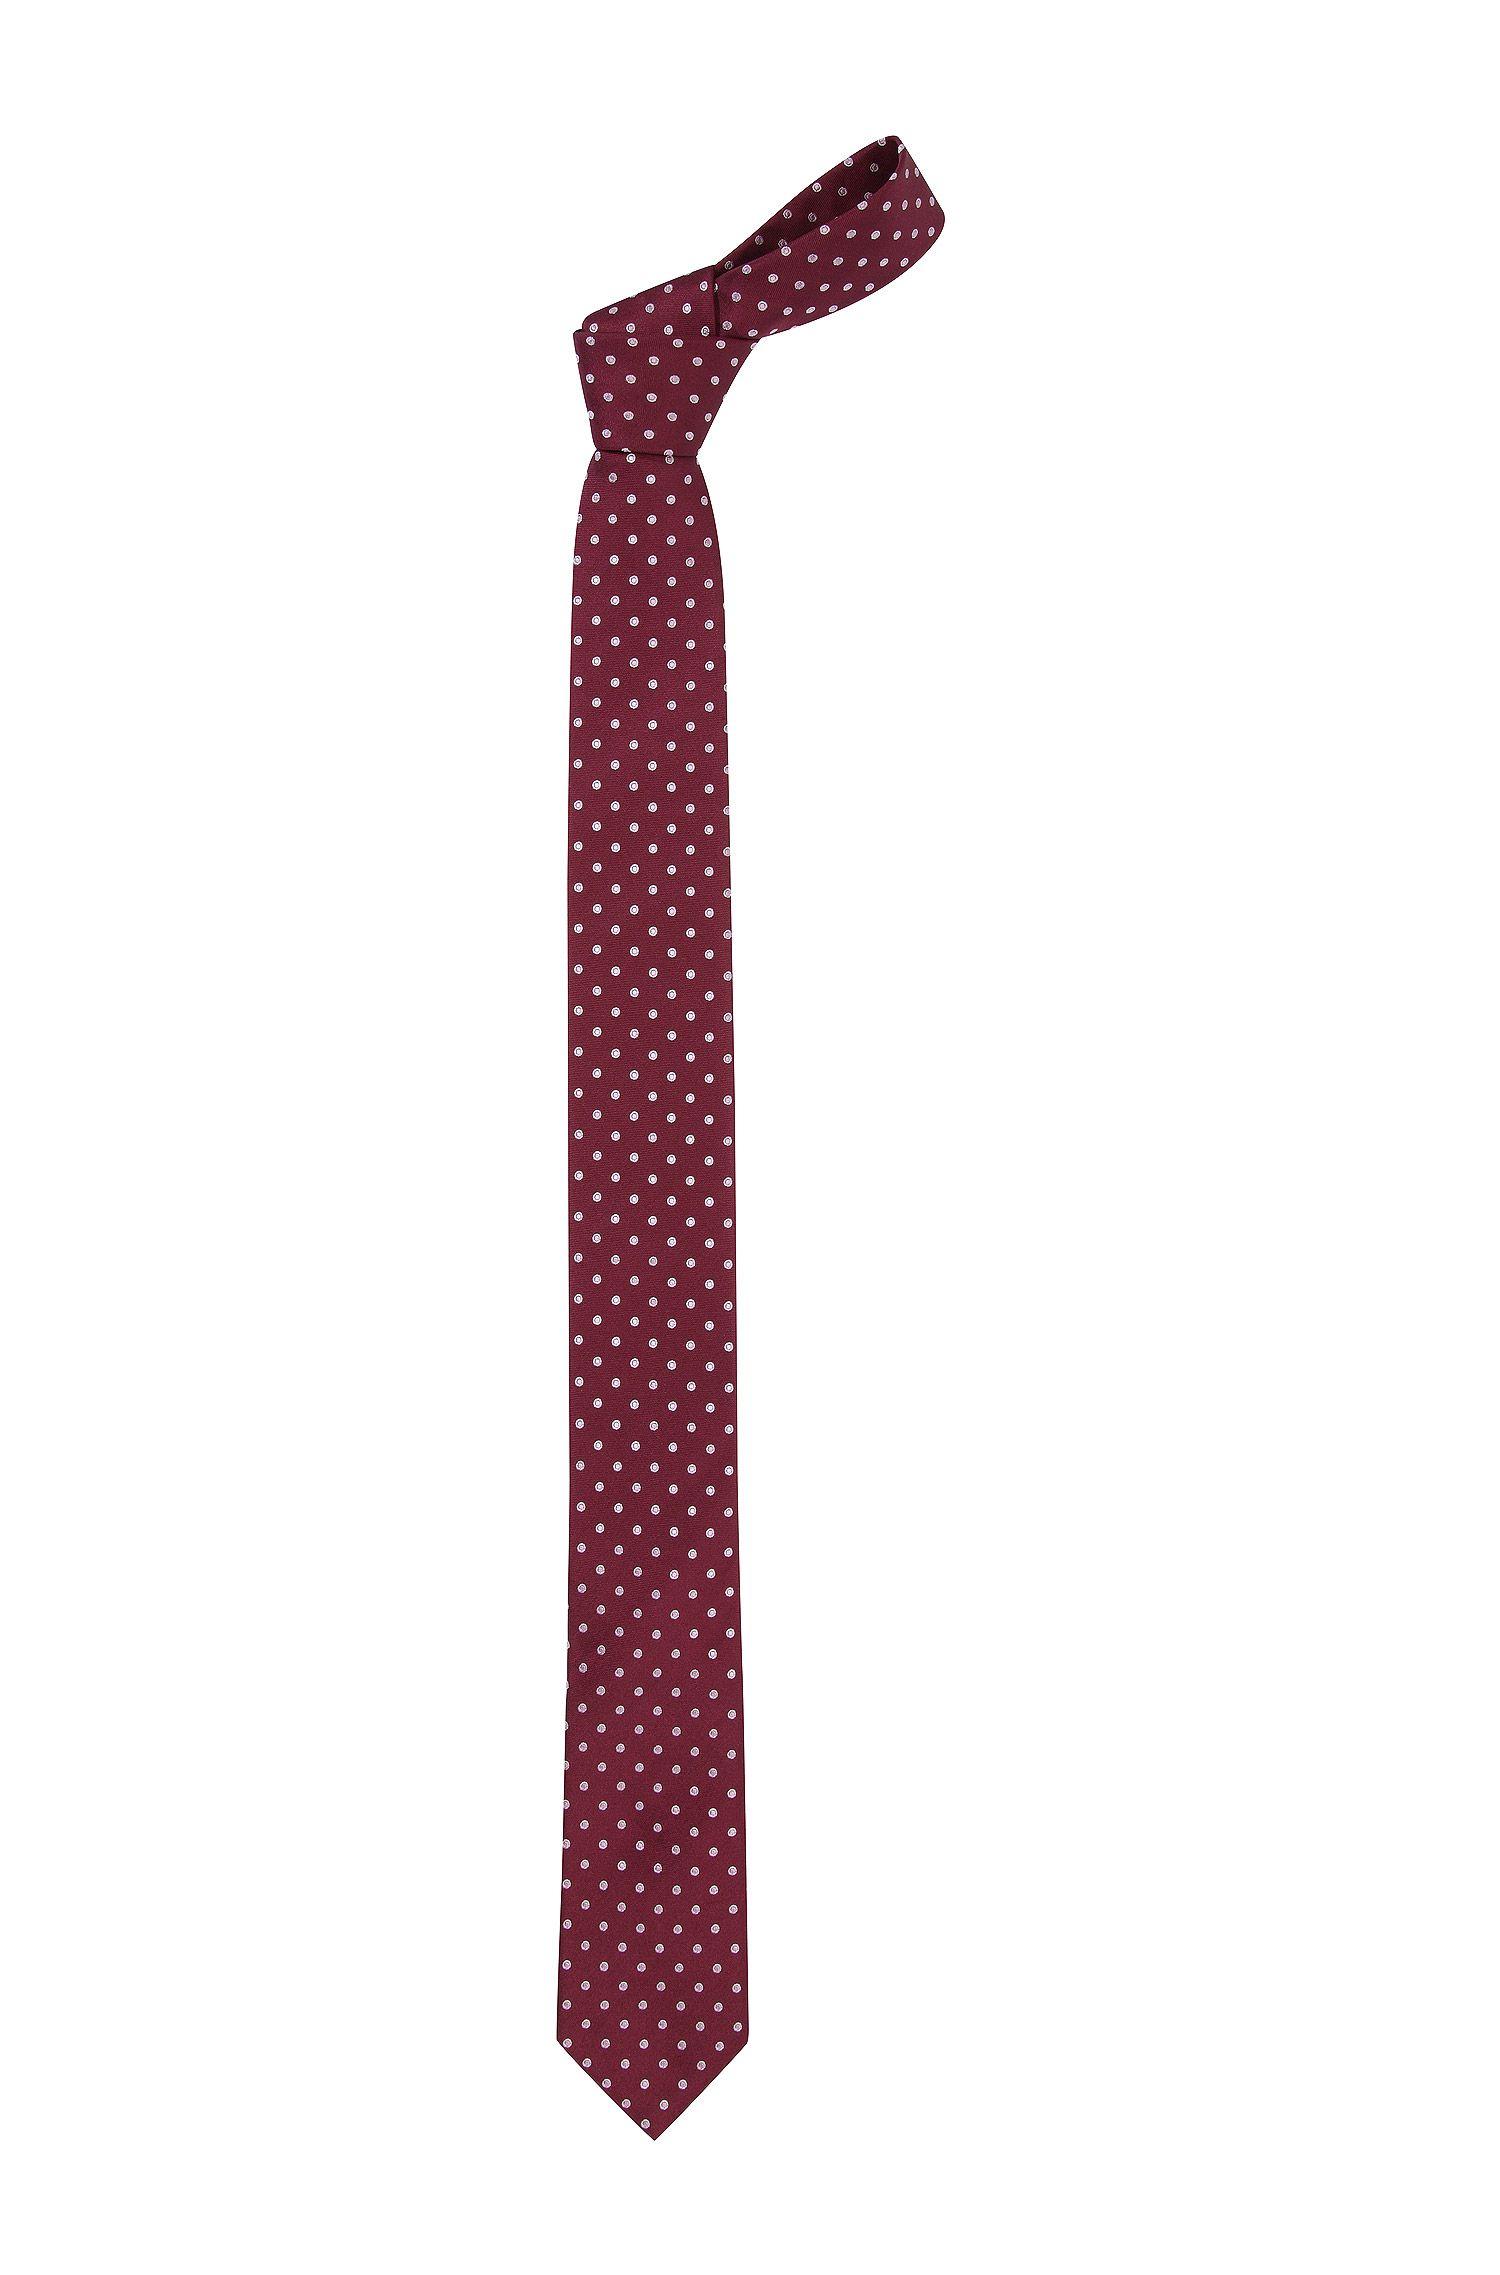 Cravate en acétate mélangée, Tie 6 cm